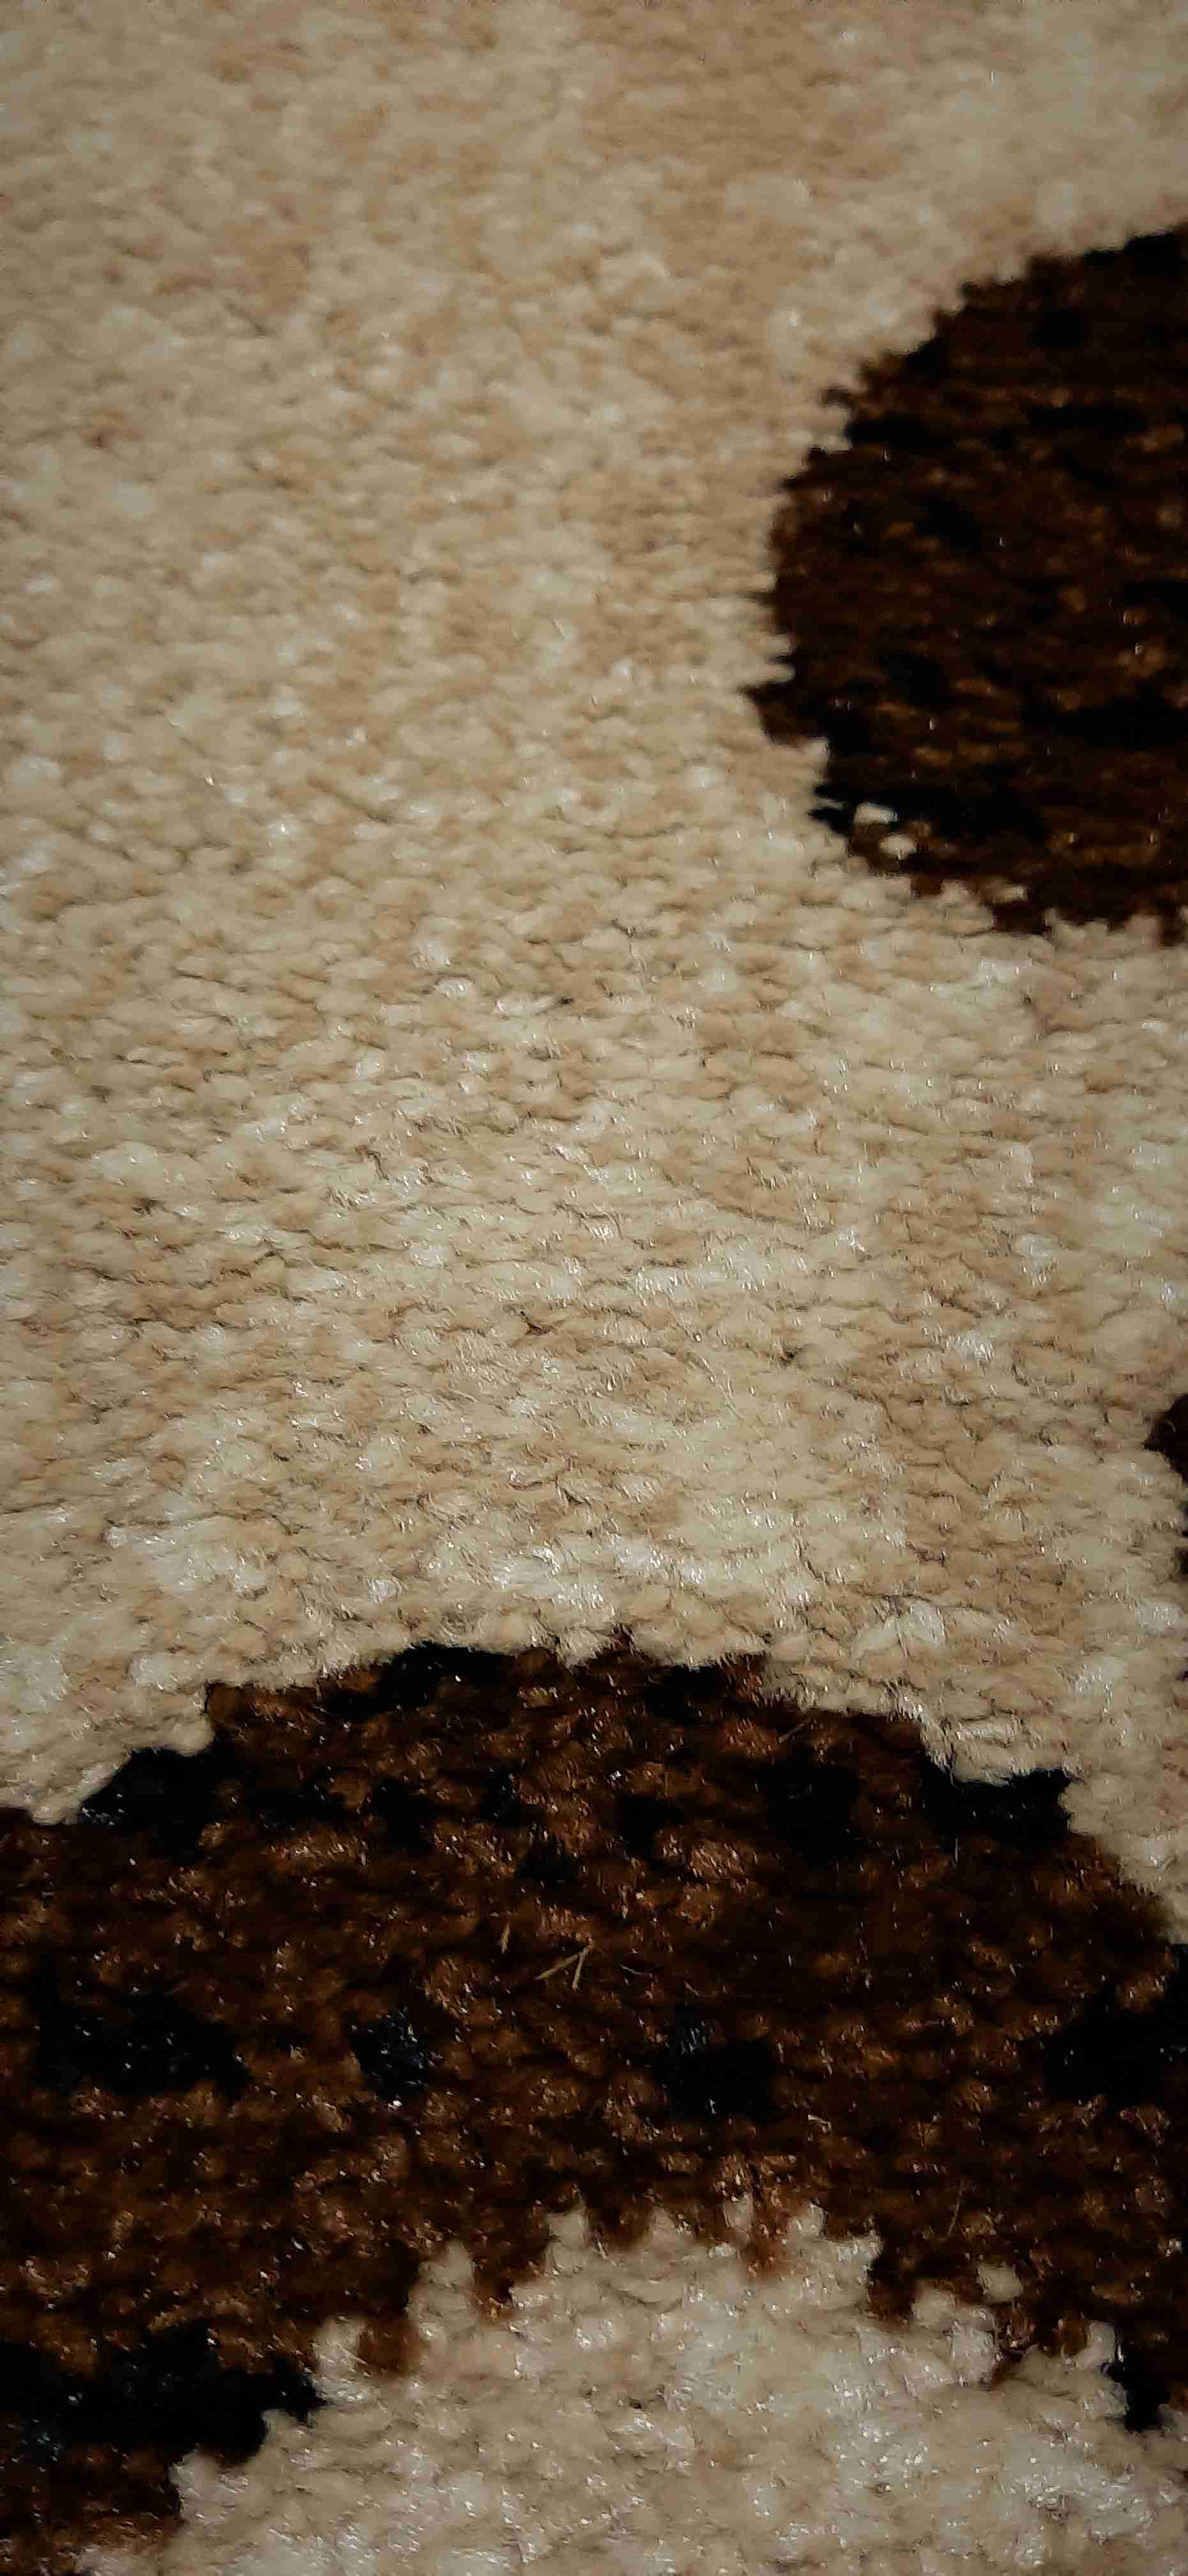 Traversa Covor, Cappuccino 16028-118, Bej / Maro, 60x800 cm, 1800 gr/mp4